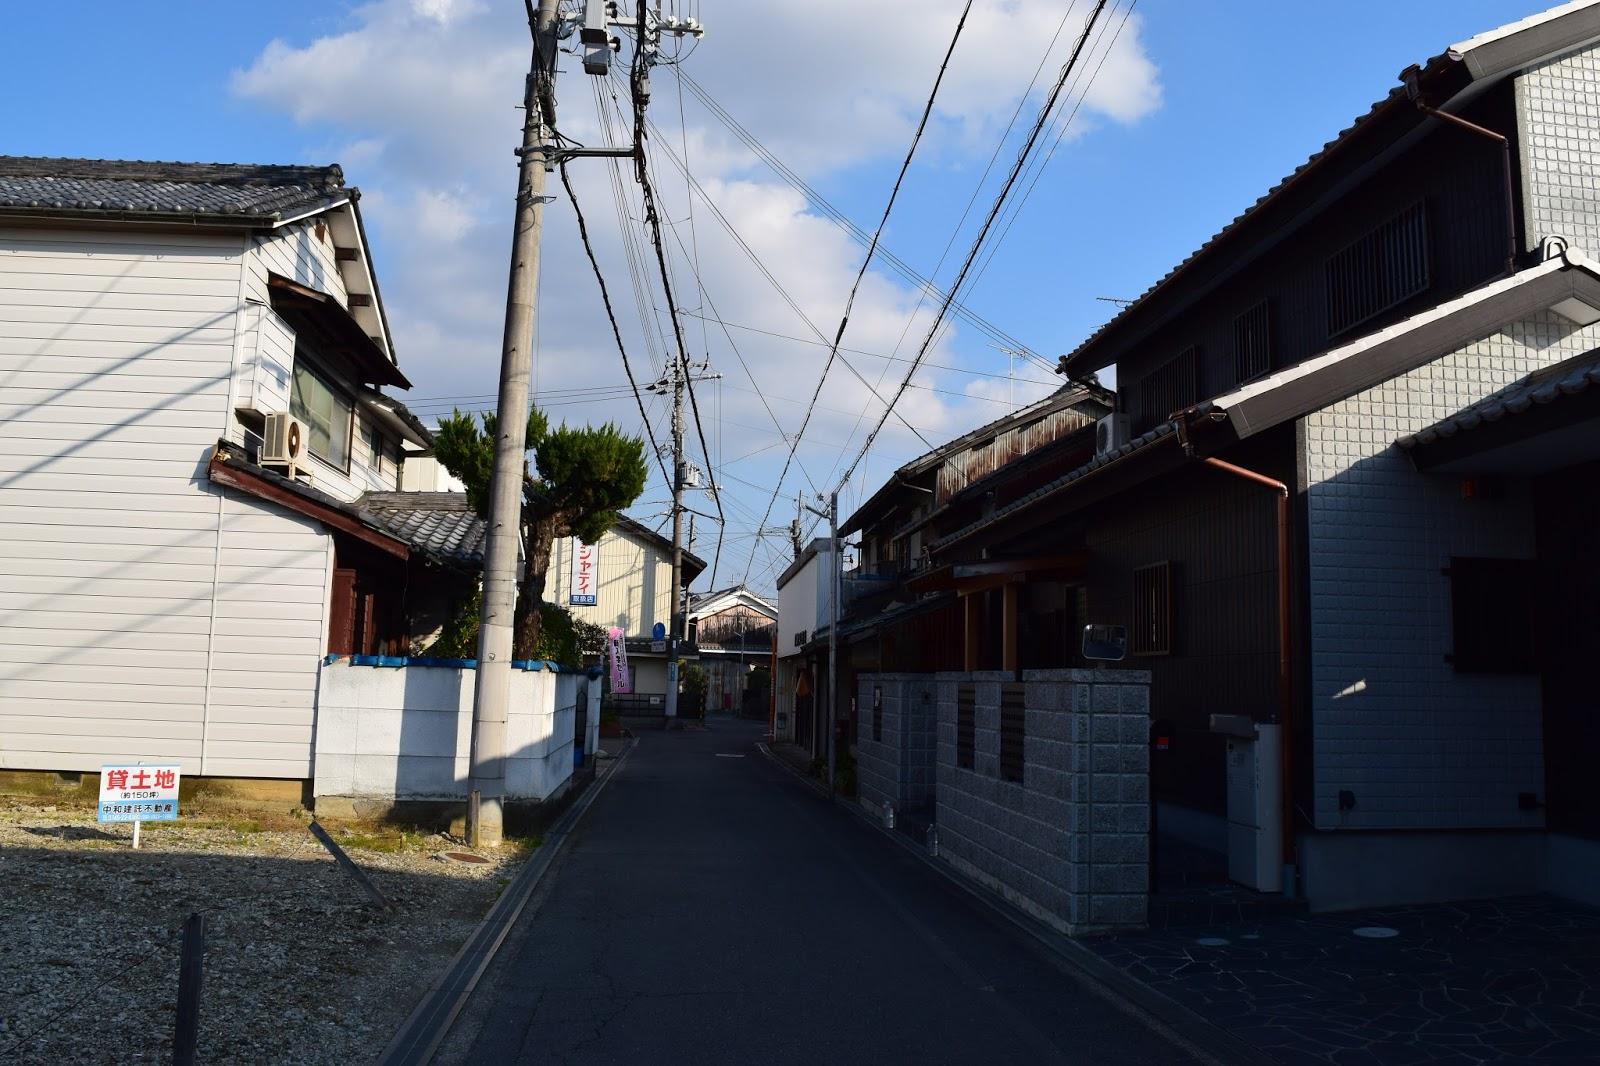 Japanese houses Nara